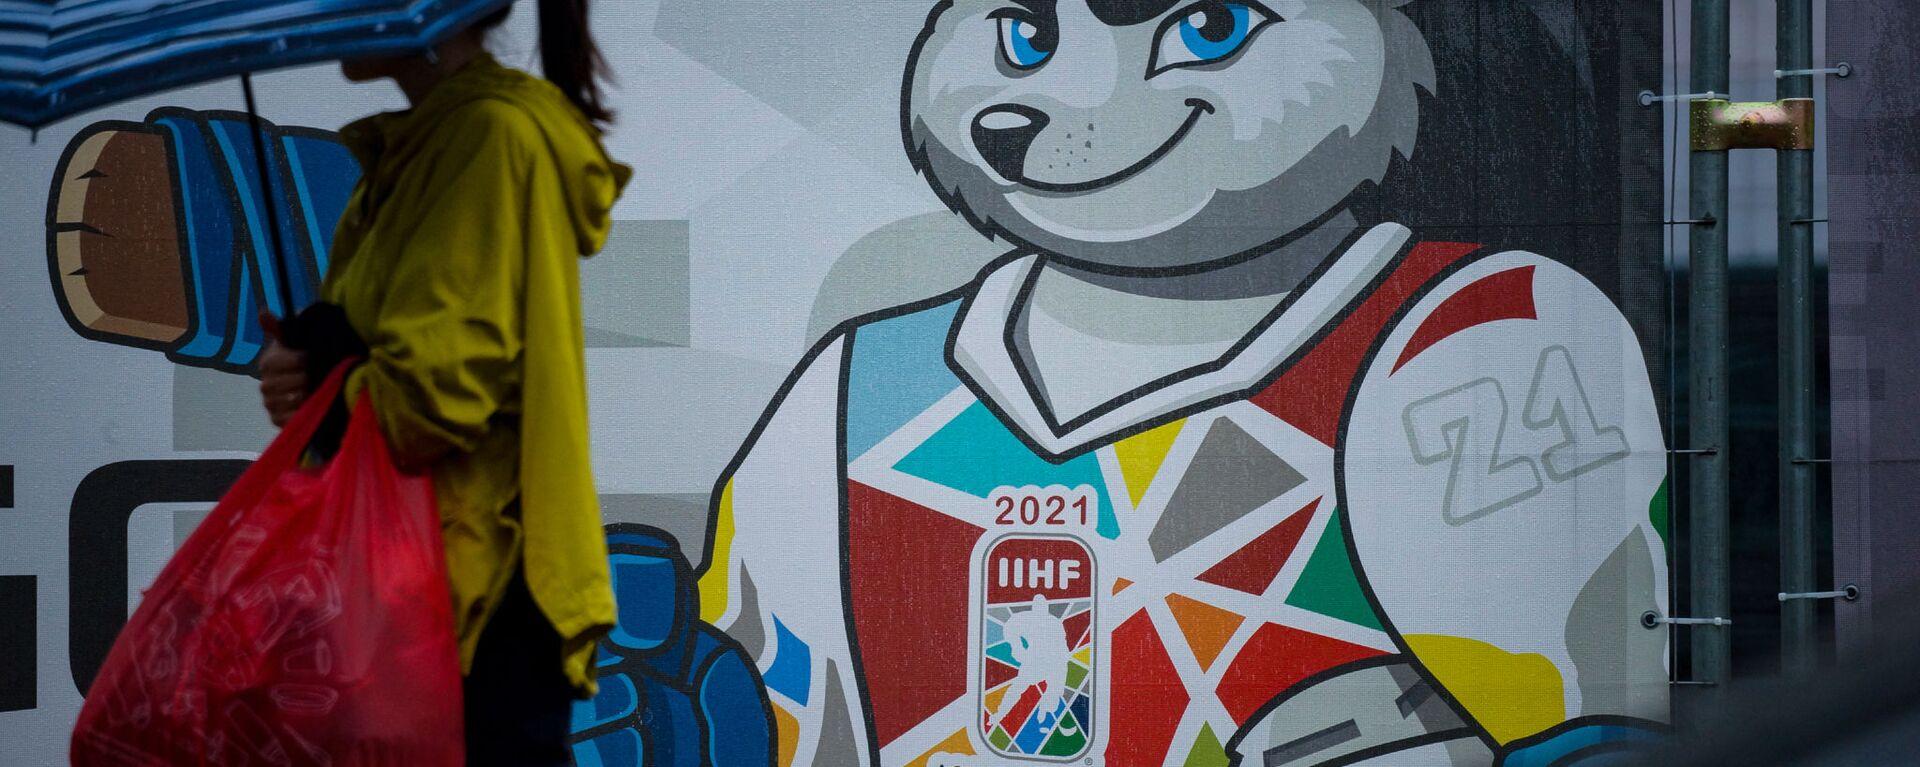 Информационный плакат  на заборе вокруг пузыря где пройдет Чемпионат мира - 2021 по хоккею в Риге - Sputnik Латвия, 1920, 20.05.2021